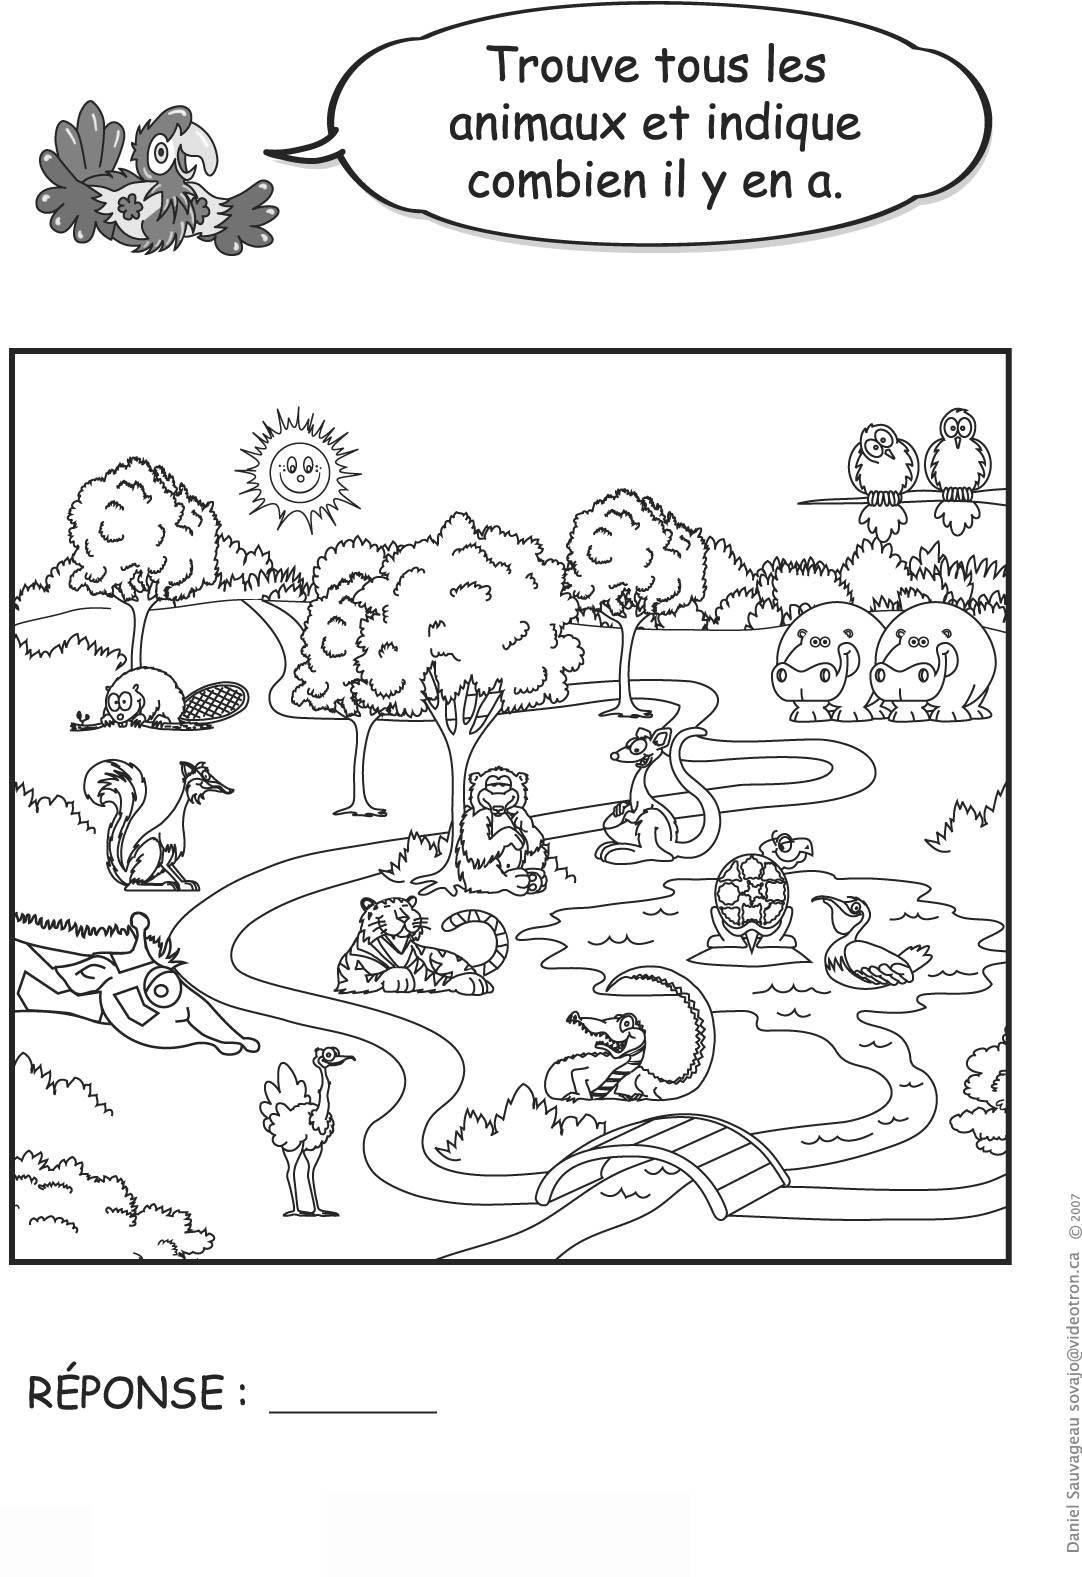 Jeux Pour Enfants No 1 dedans Jeux Animaux Pour Fille